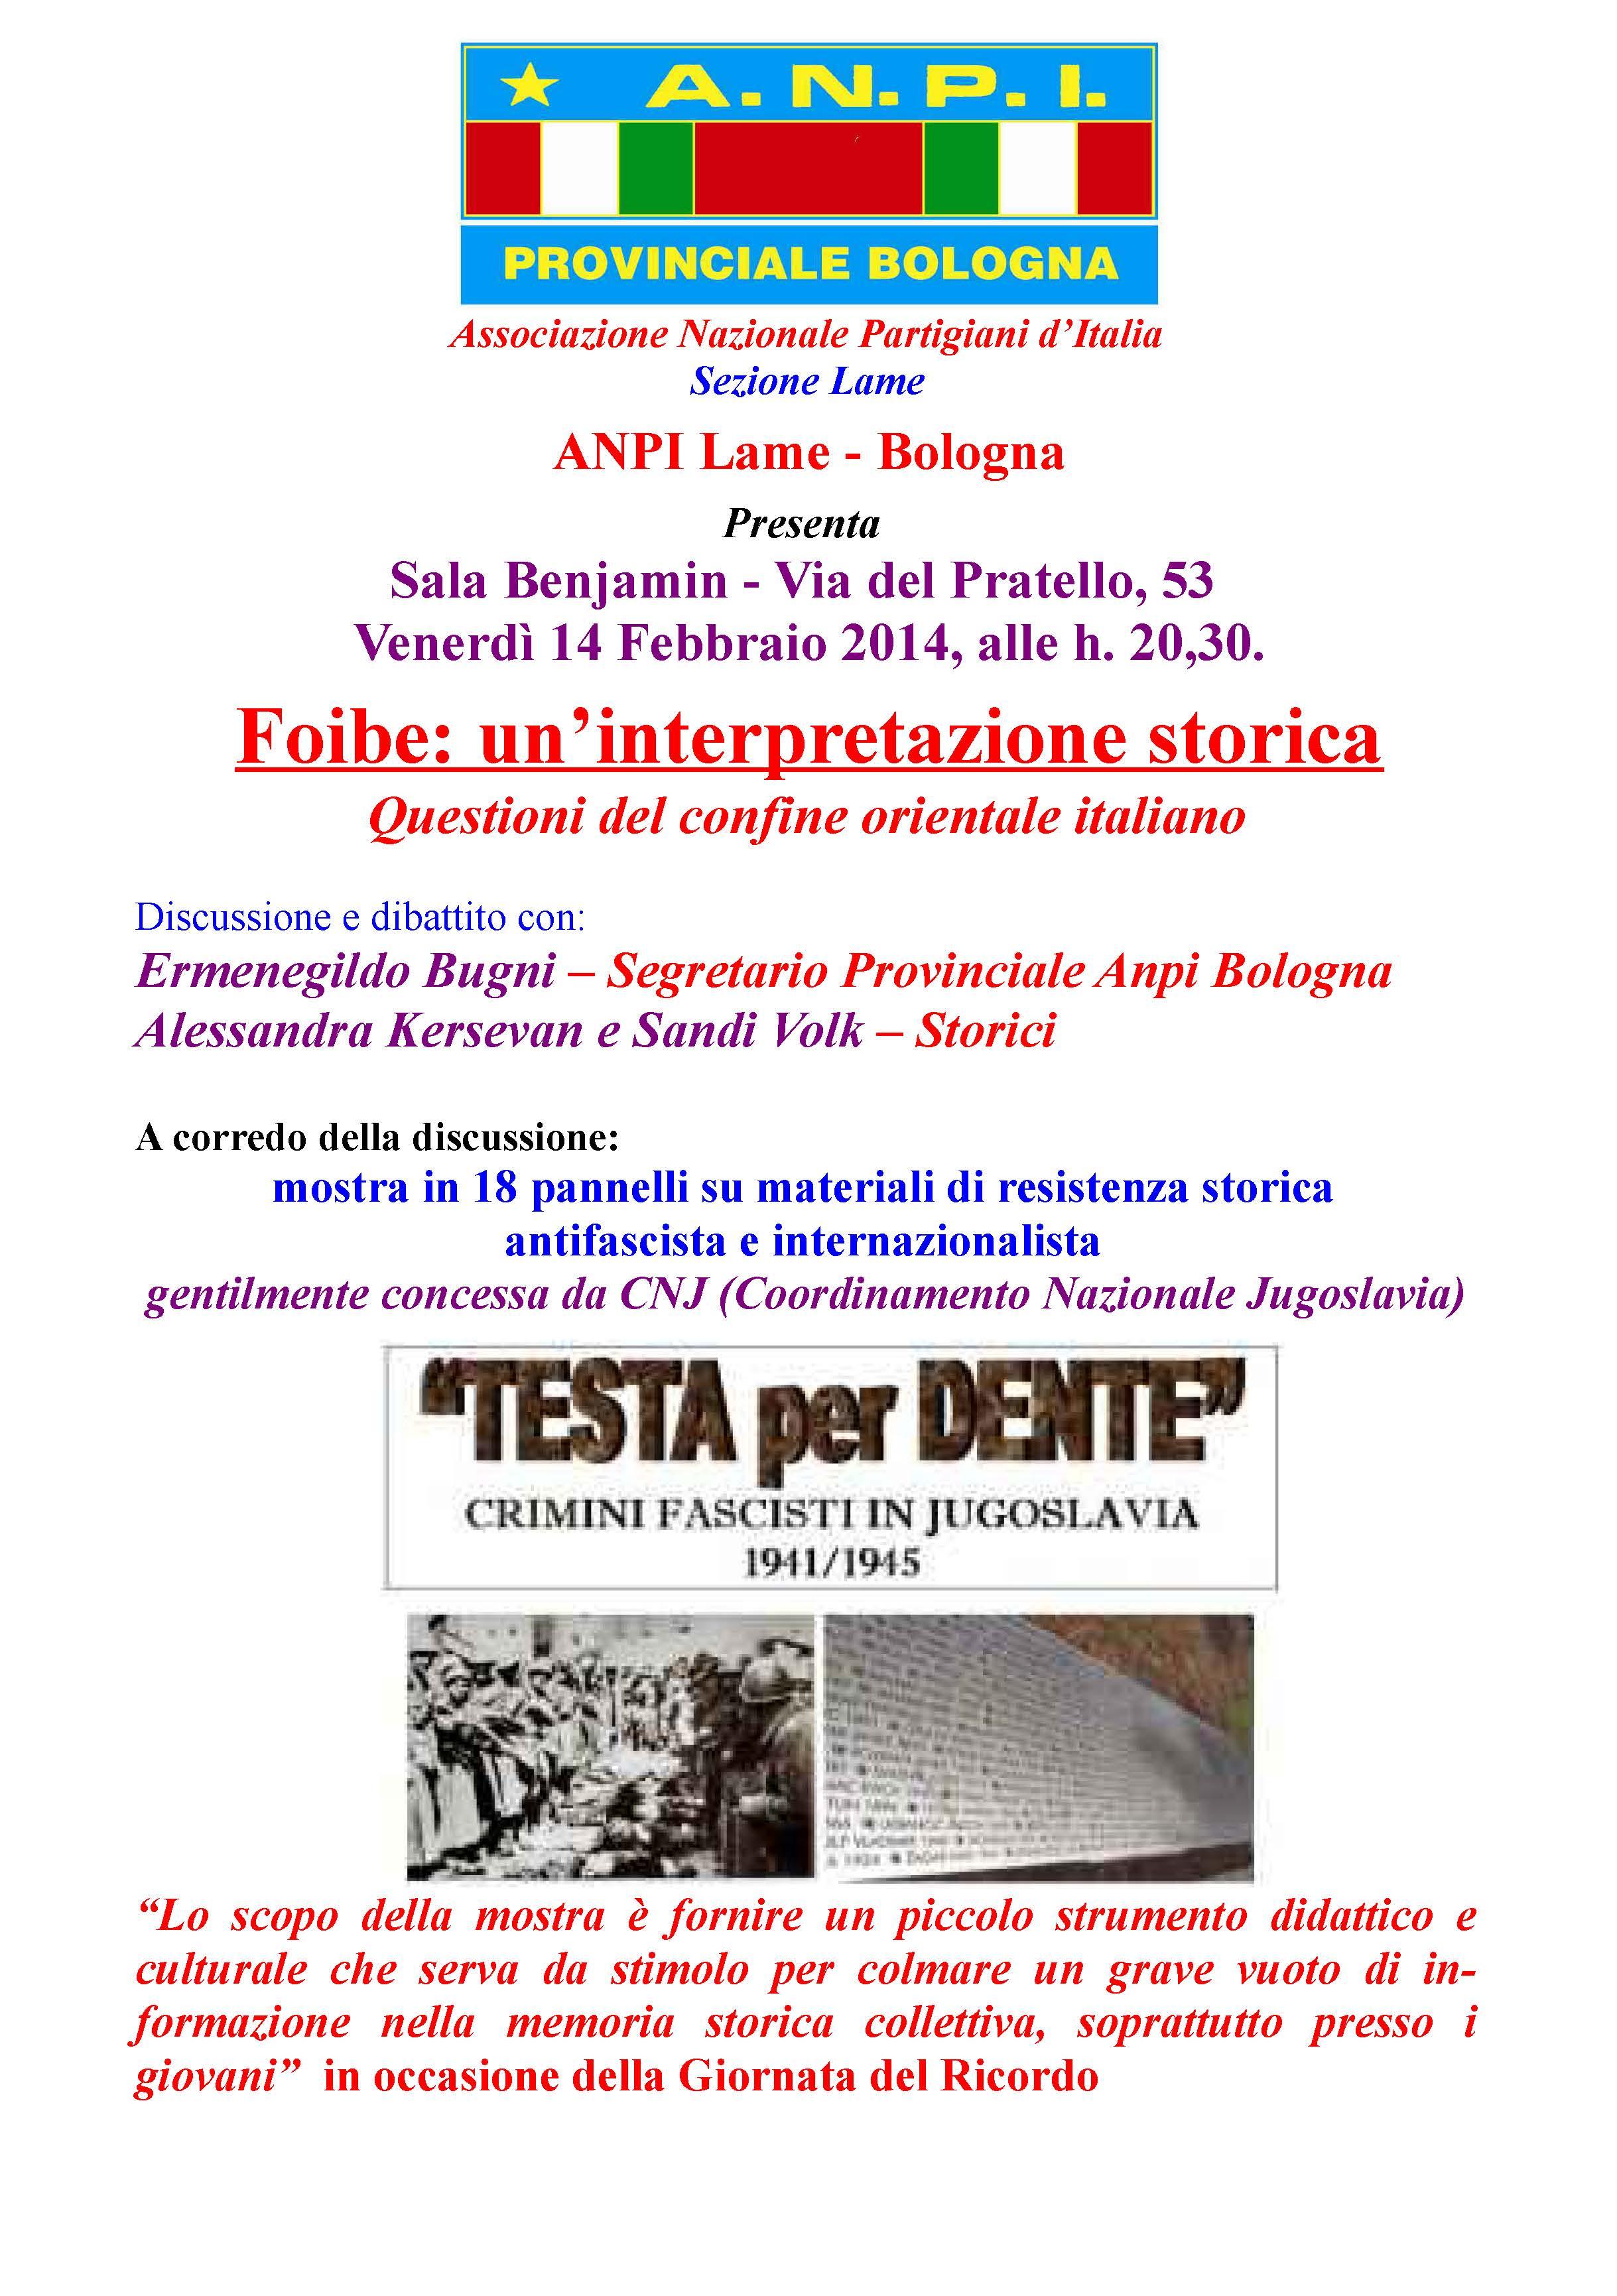 bologna140214